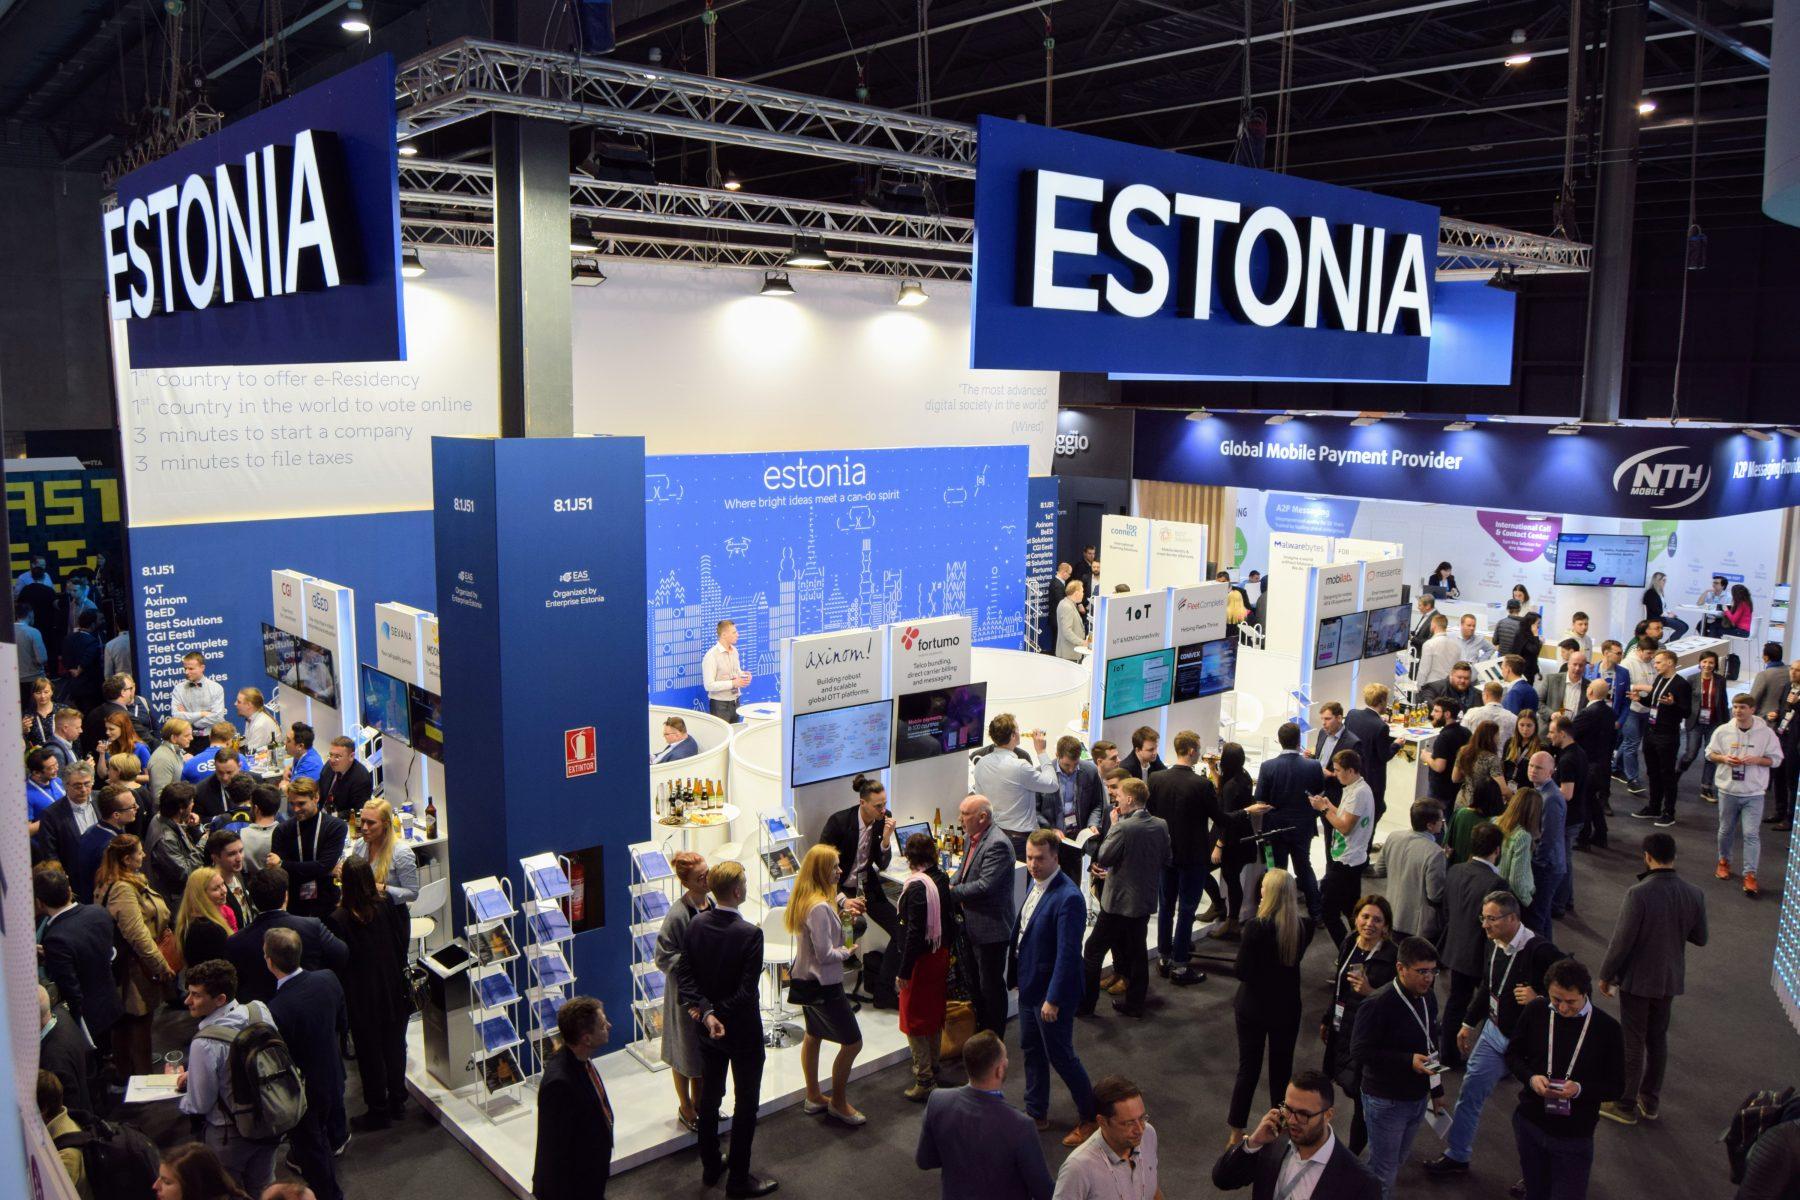 Mobile world congress expo booth